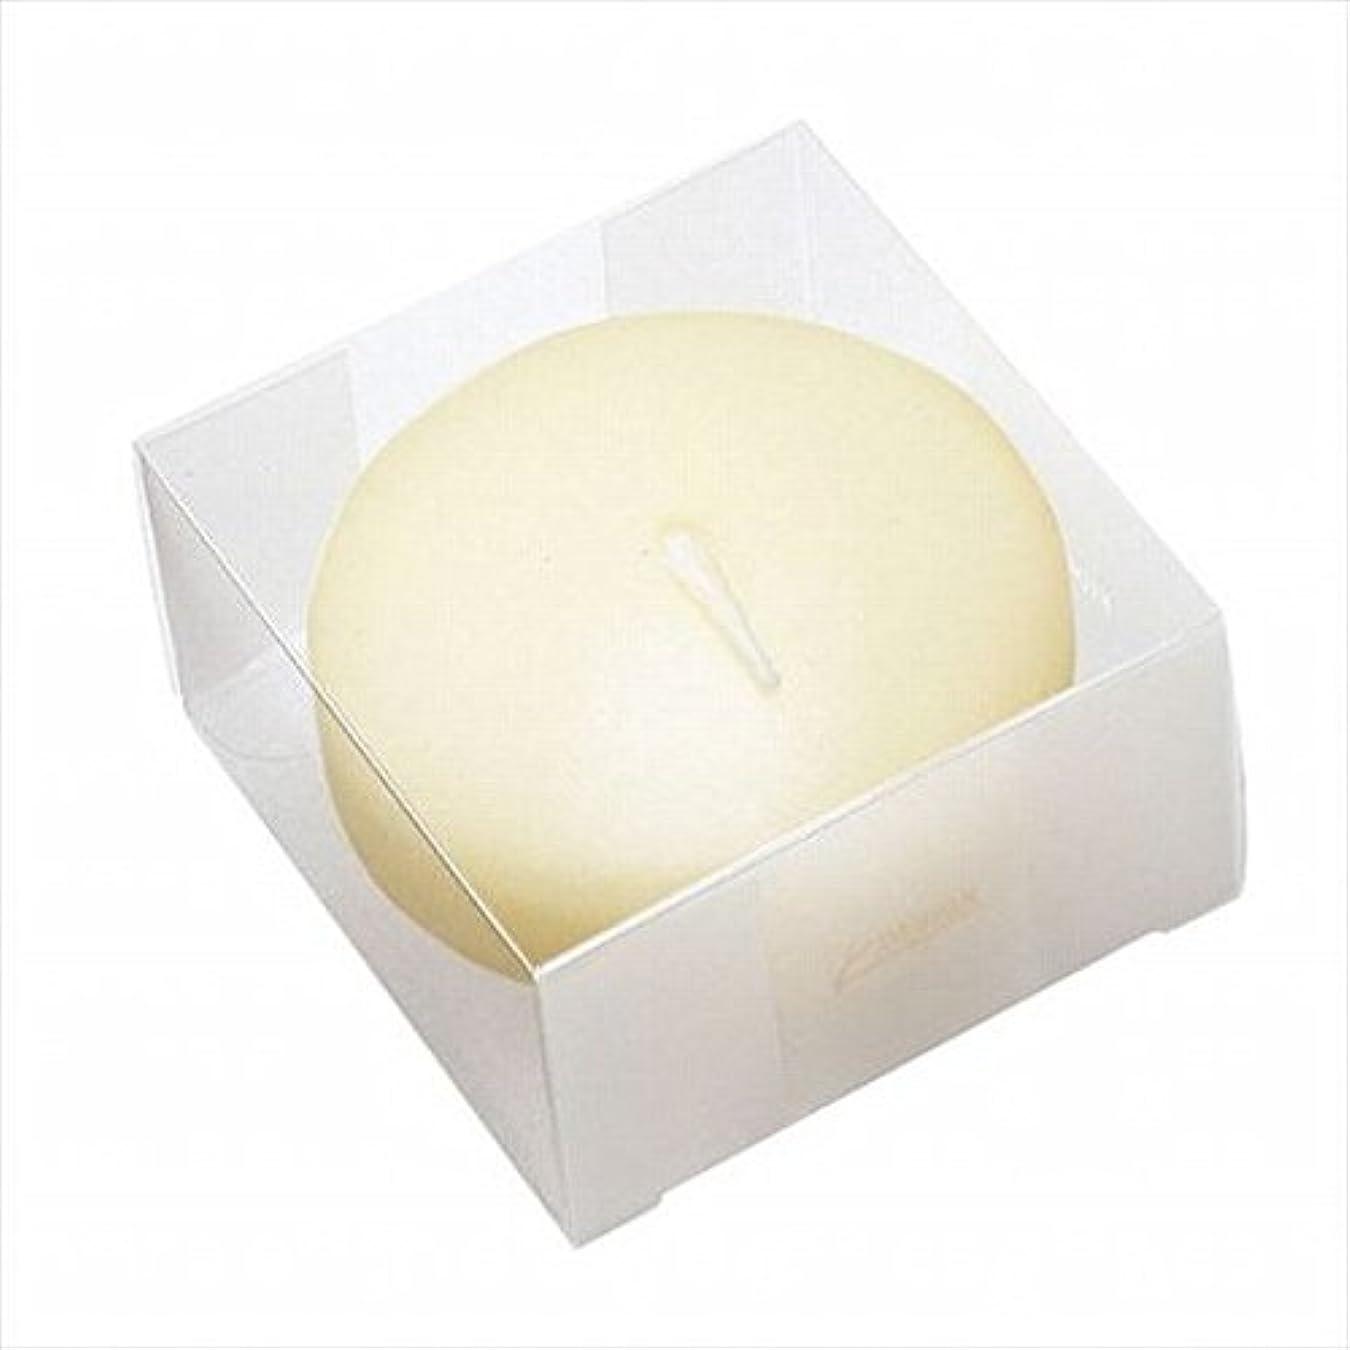 お風呂を持っているイブ高めるkameyama candle(カメヤマキャンドル) プール80(箱入り) 「 アイボリー 」 キャンドル 80x80x45mm (A7069050)